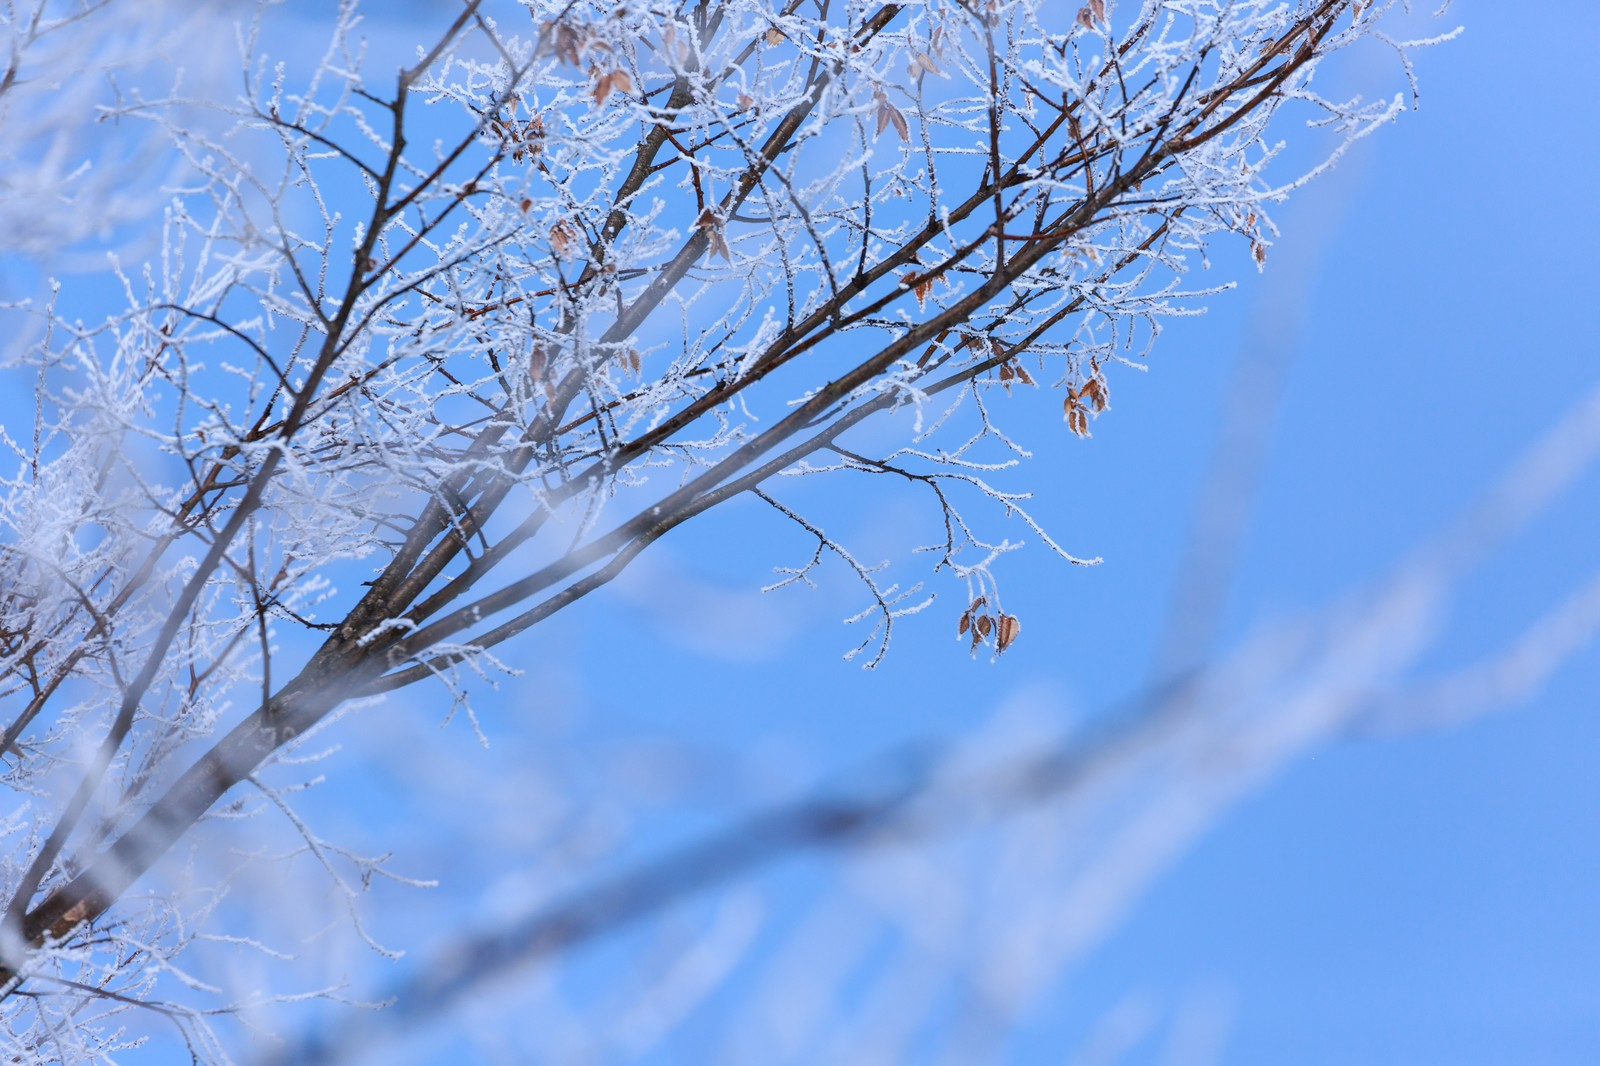 「枝に凍り付いた雪」の写真